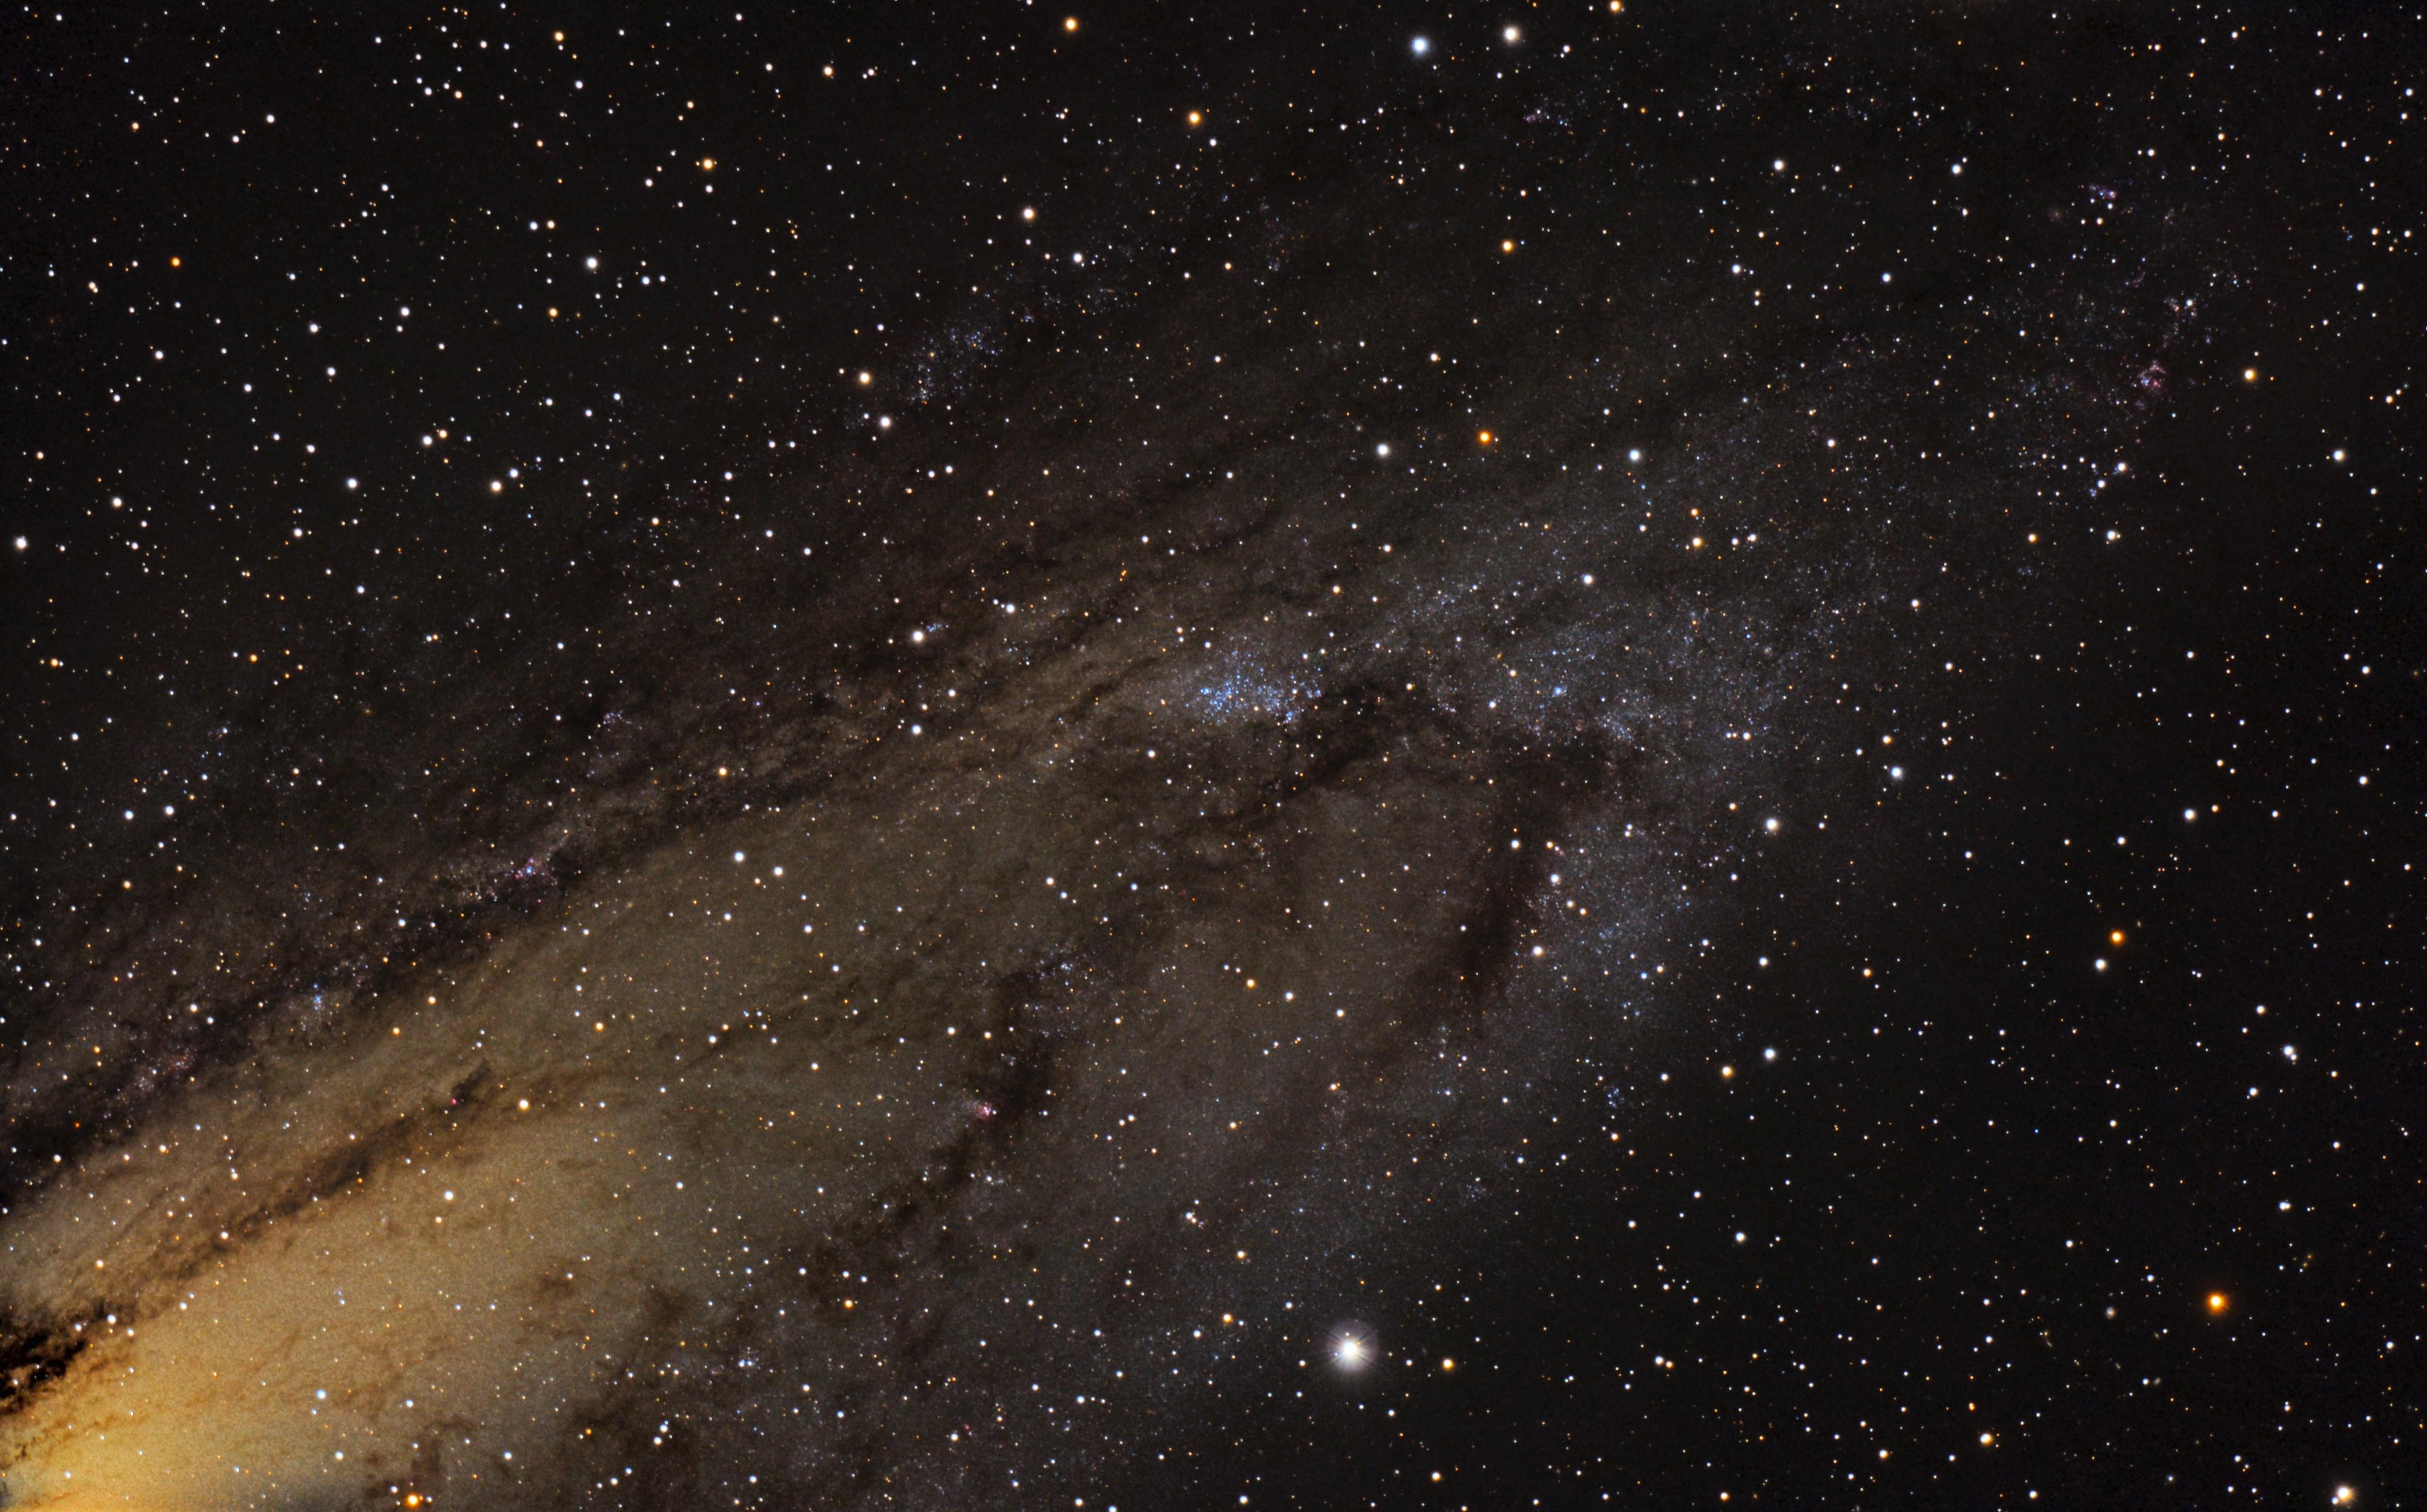 NGC_206_all_jd3.jpg.0450a05bd5ef2873d238